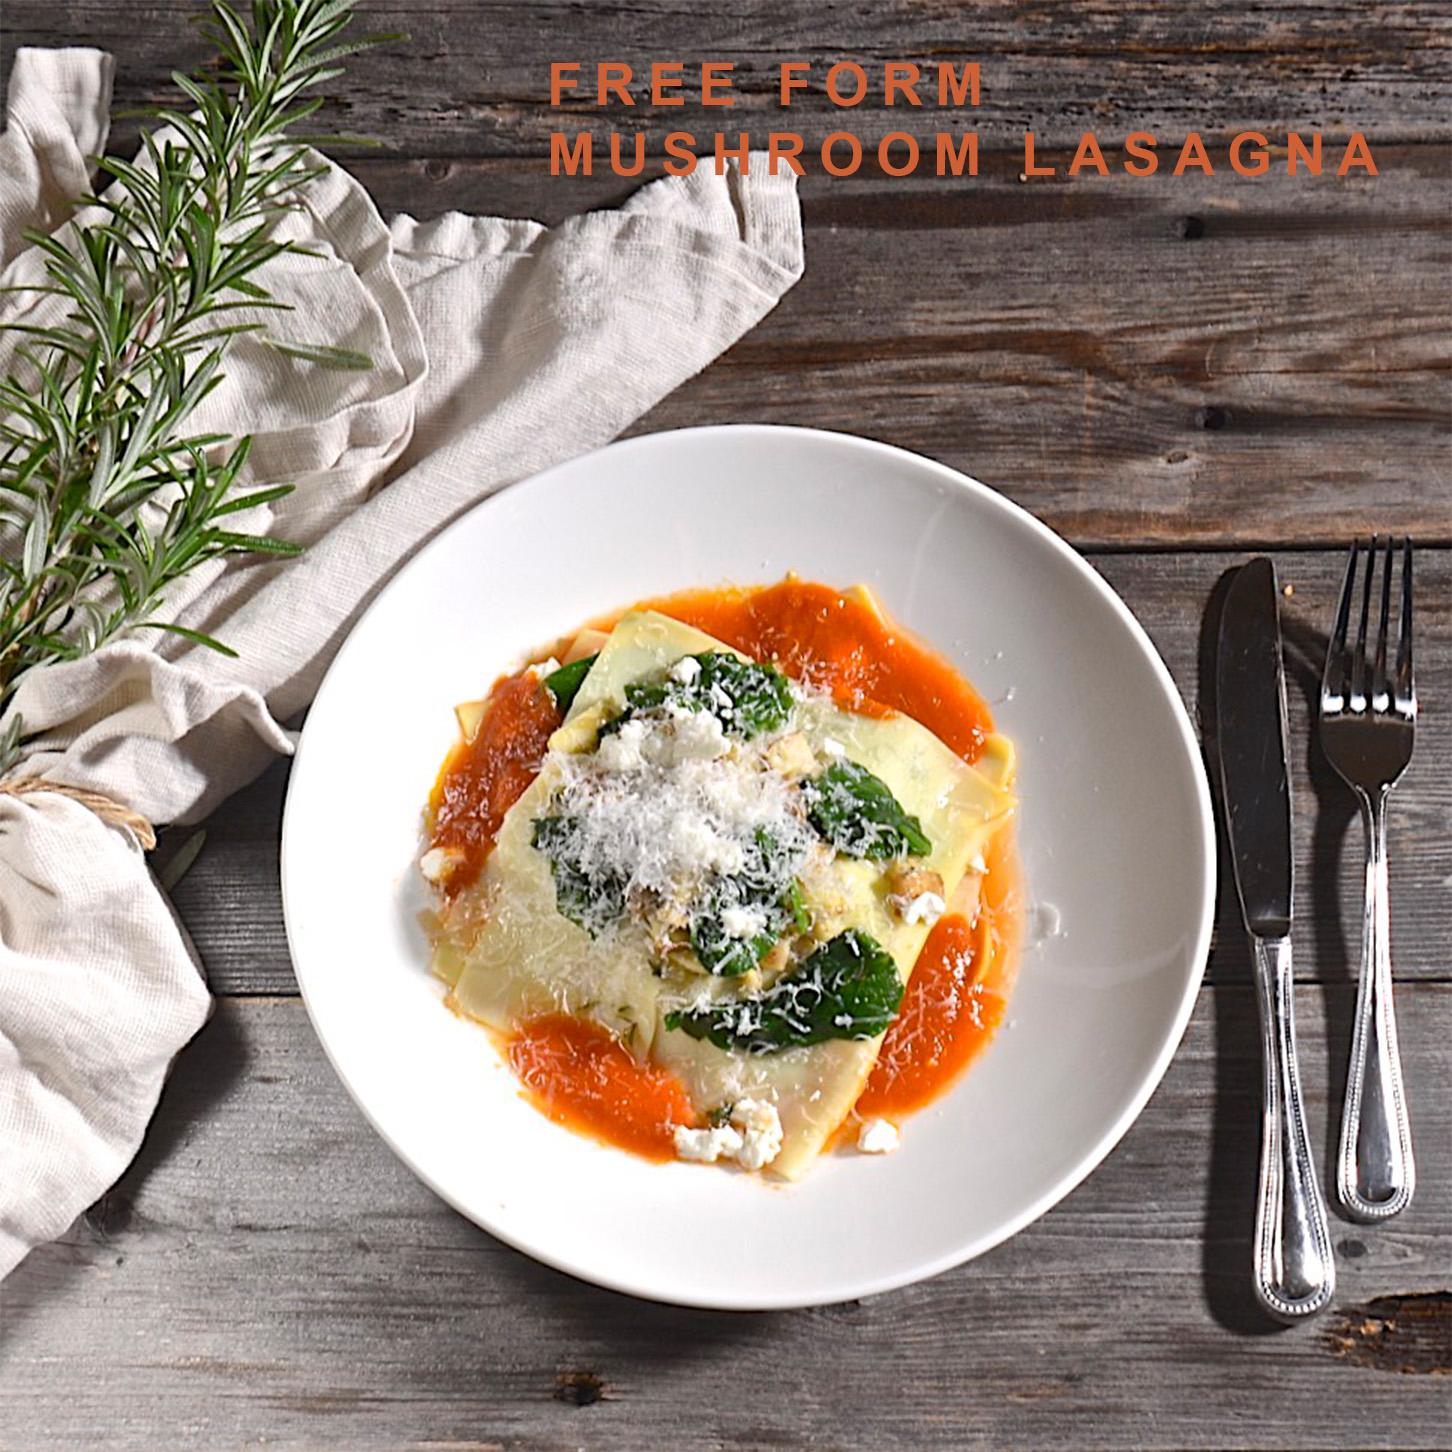 Free form lasagna